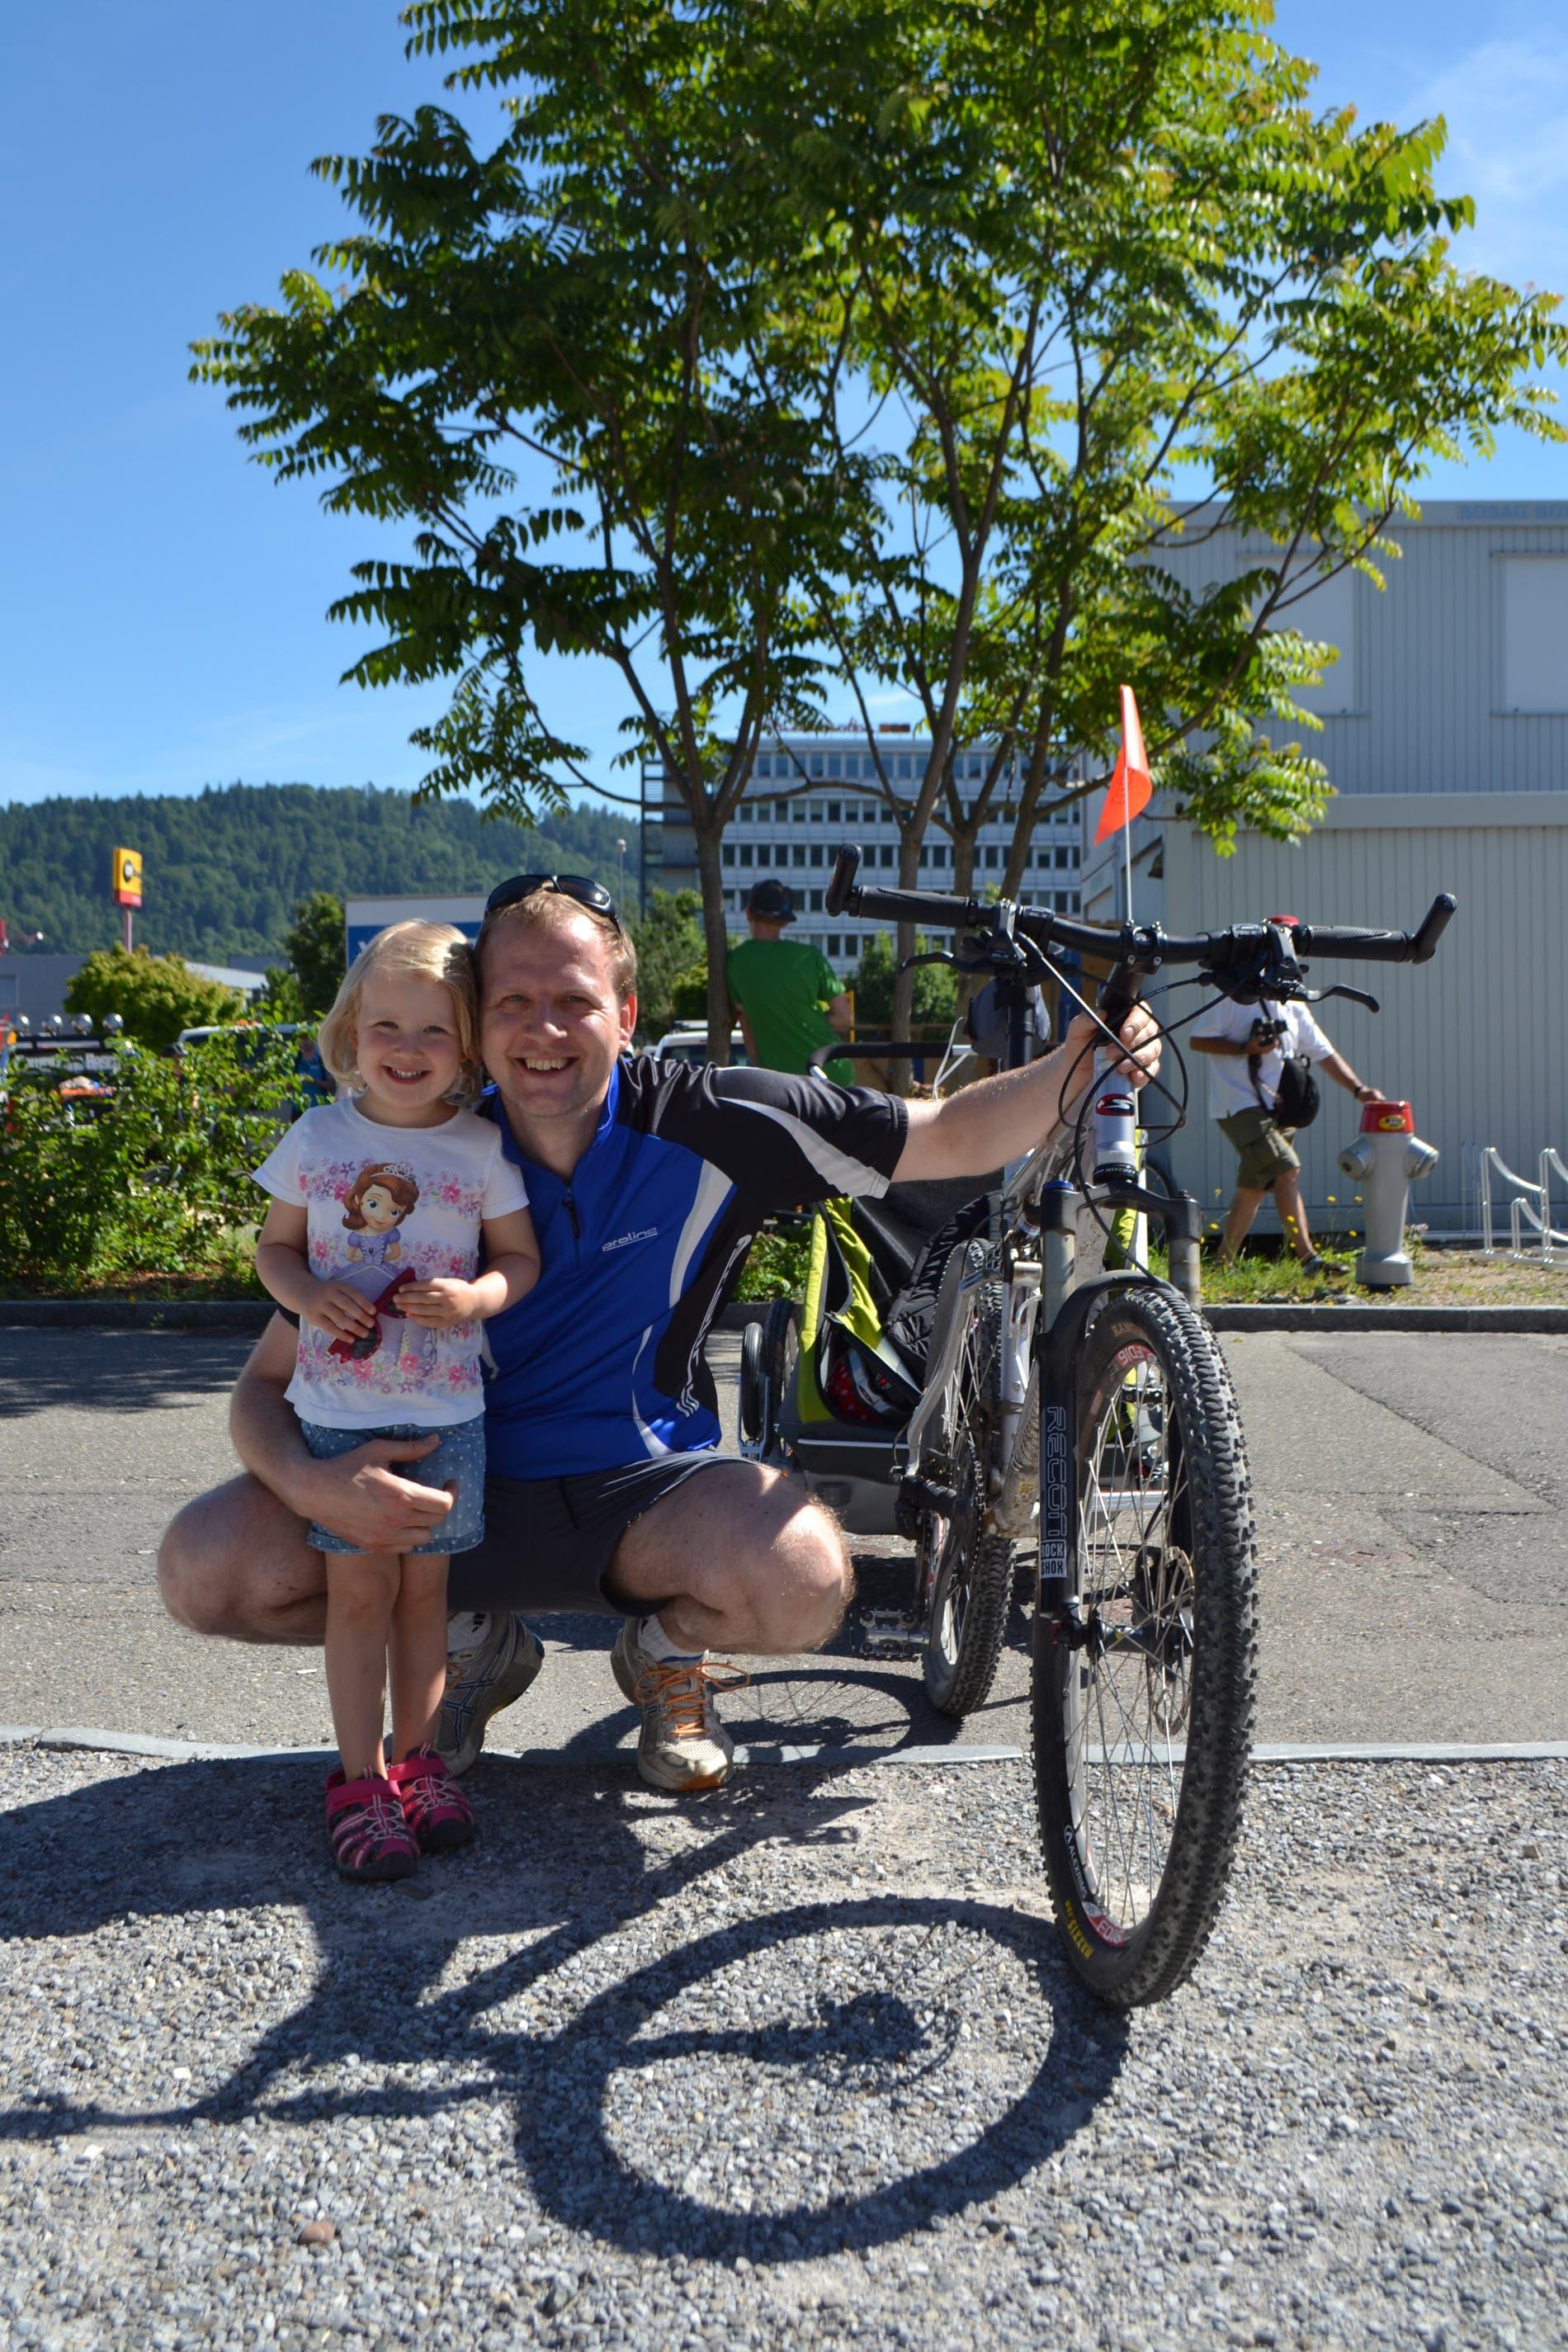 Alex Kaufmann, Dietikon «Mein Ziel ist es, einmal in der Woche mit dem Velo zur Arbeit zu fahren», sagte der Familienvater. Sein Stöckli-Bike werde definitiv zu selten genutzt, aber solche Ausflüge wie am Velotag seien eine gute Gelegenheit, das Fahrrad wieder hervorzuholen. Zusammen mit seiner kleinen Tochter im Veloanhänger, die sich sichtlich über den speziellen Ausflug freute, besuchte er den Anlass: «Wir nehmen als Familie meistens am Slow-Up teil, aber sonst sind wir weniger mit dem Velo unterwegs», meinte er. Vielleicht ändere sich das, wenn die jüngere Tochter älter ist, die mit Frau und Kinderwagen ebenfalls bei der Umweltarena anzutreffen war.